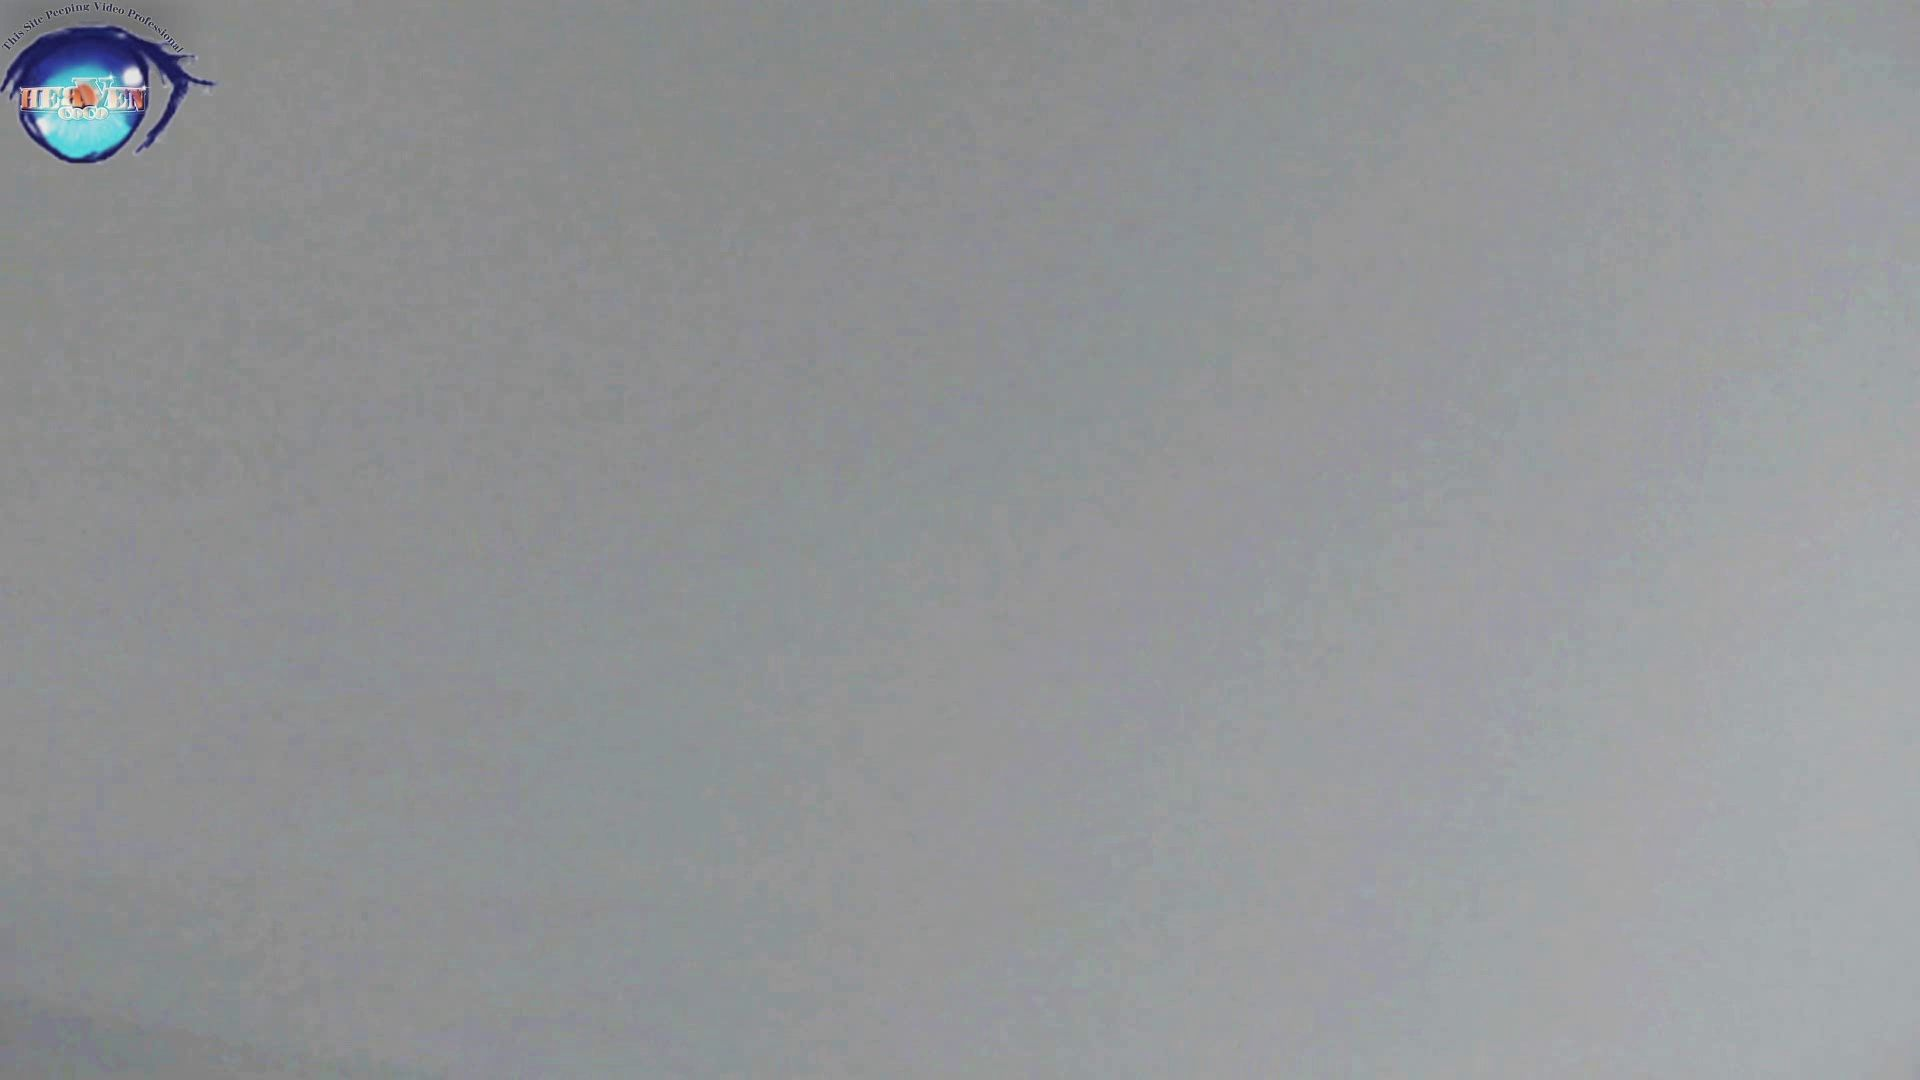 洗面所突入レポート!!お銀 vol.67 新たな場所への挑戦が始まる!!後編 HなOL | トイレ  89pic 29